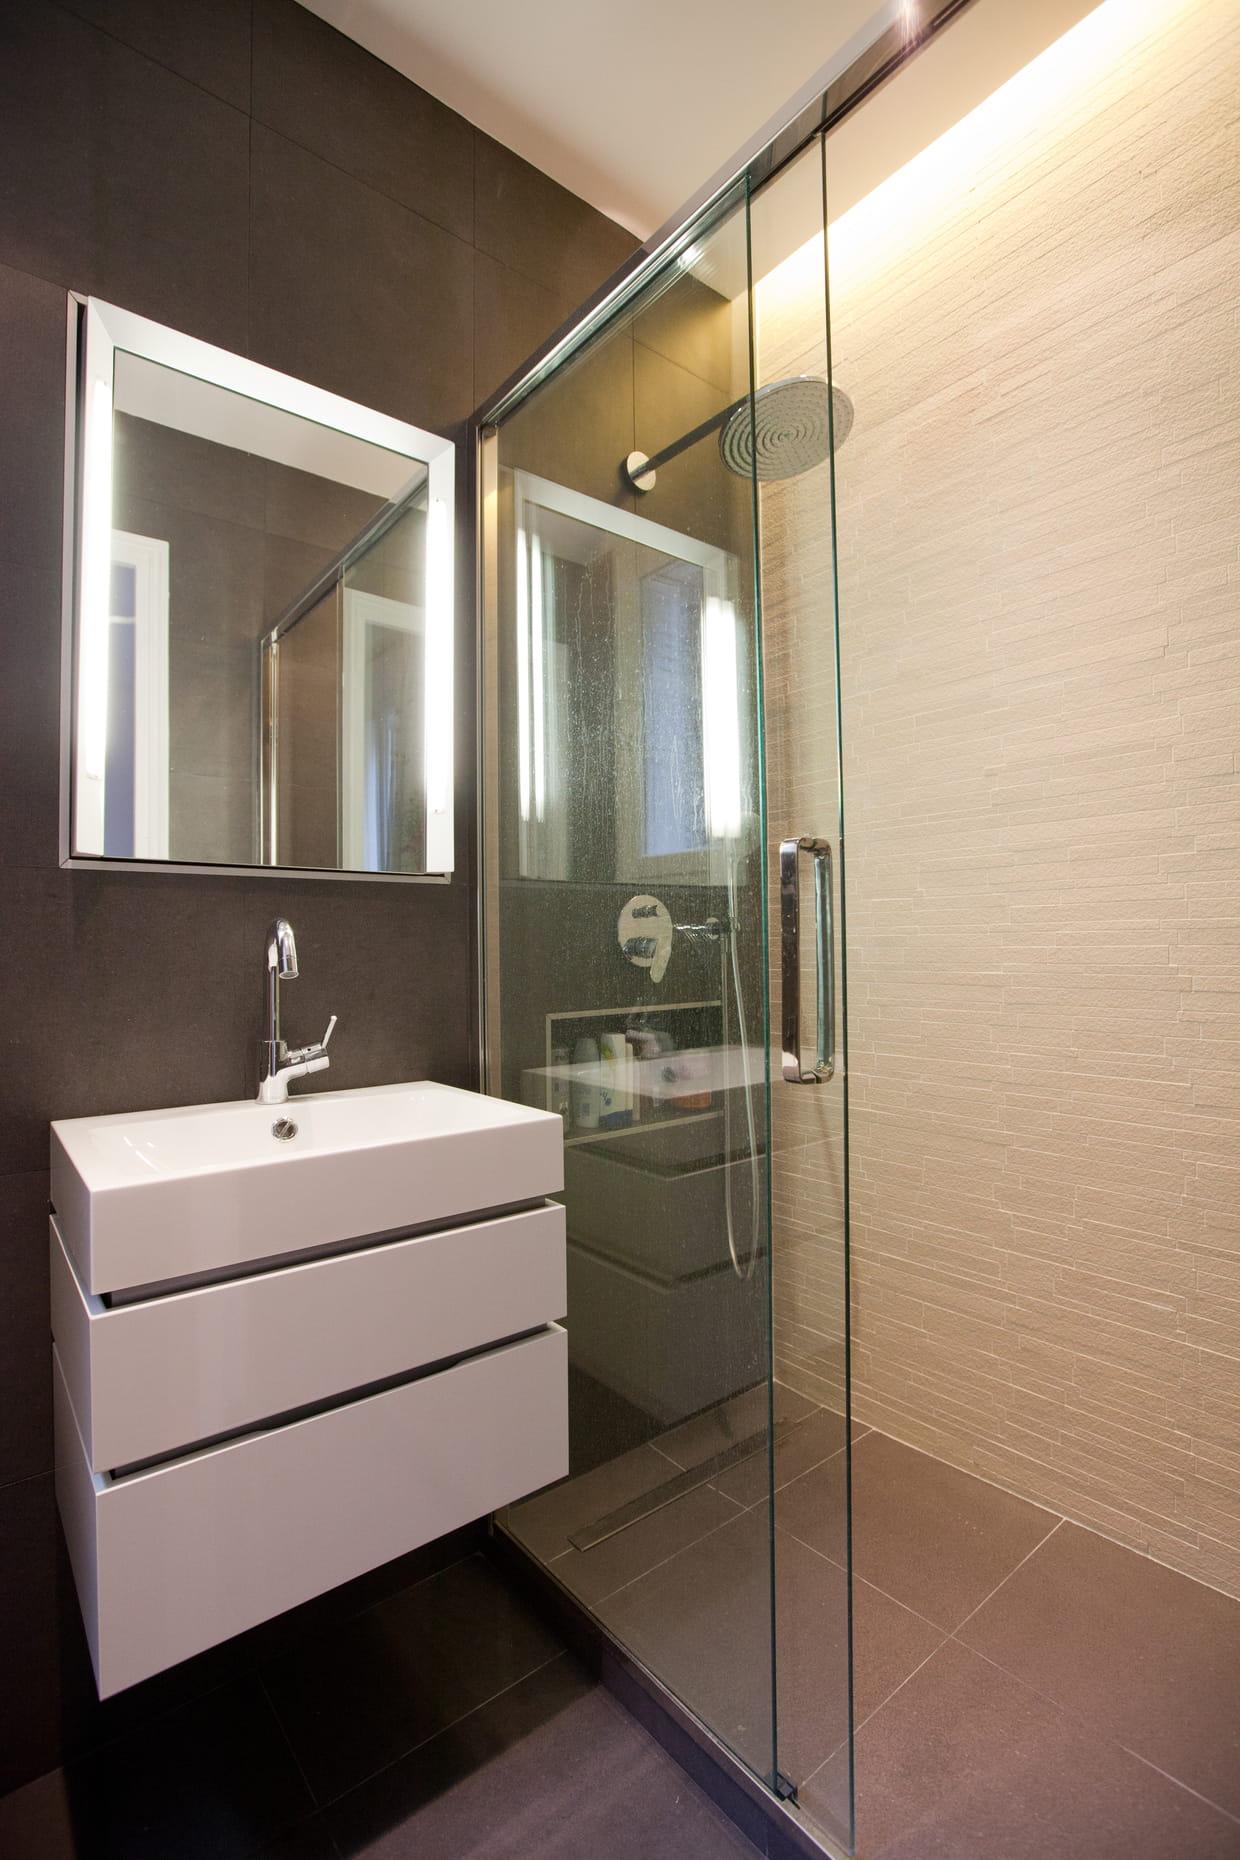 petite salle de bains calme et graphique. Black Bedroom Furniture Sets. Home Design Ideas